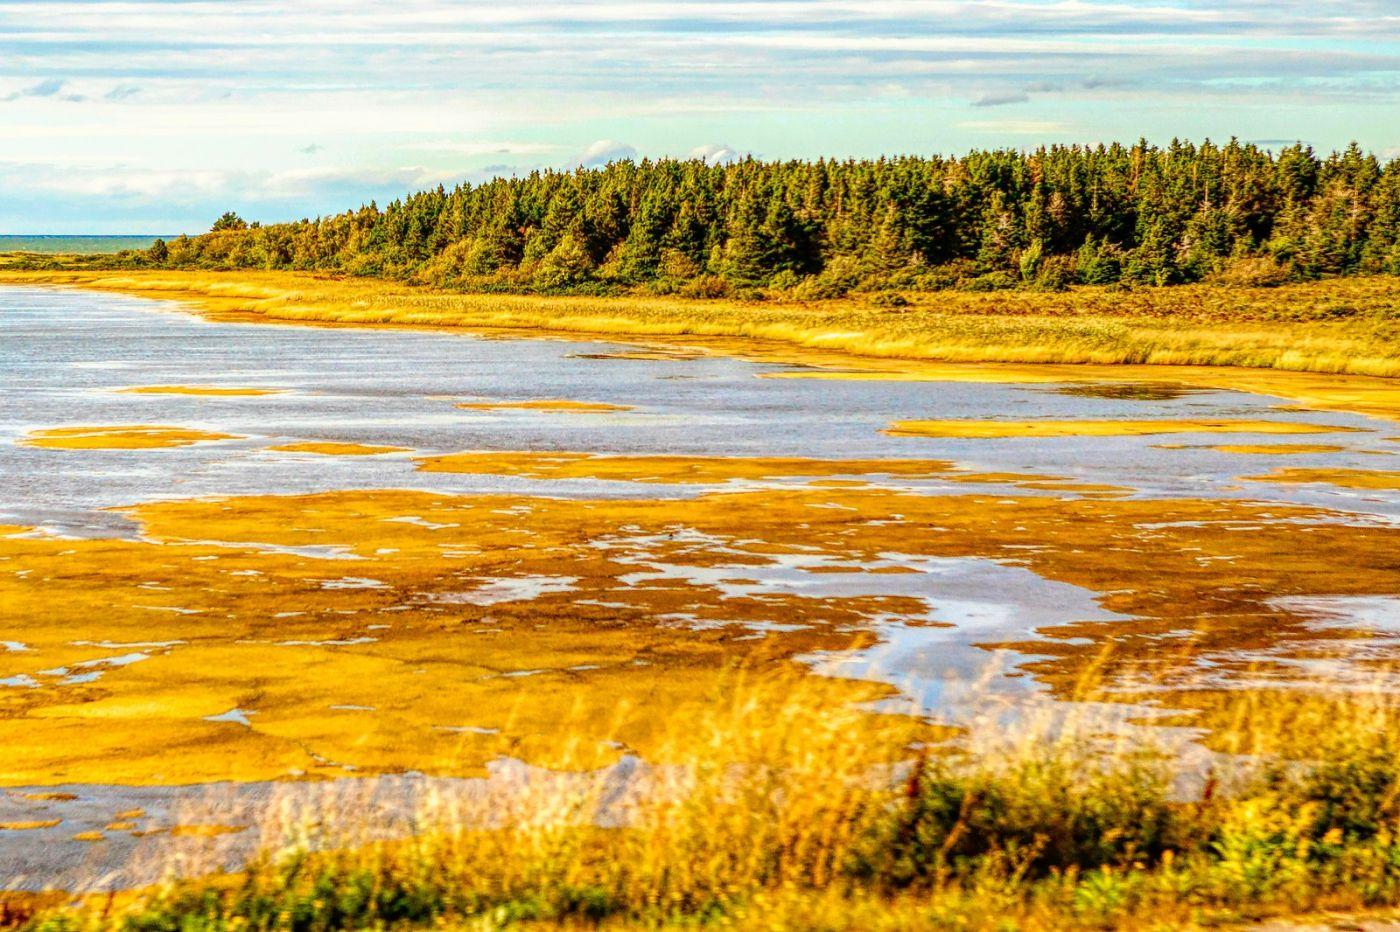 加拿大路途,水边抓拍_图1-30